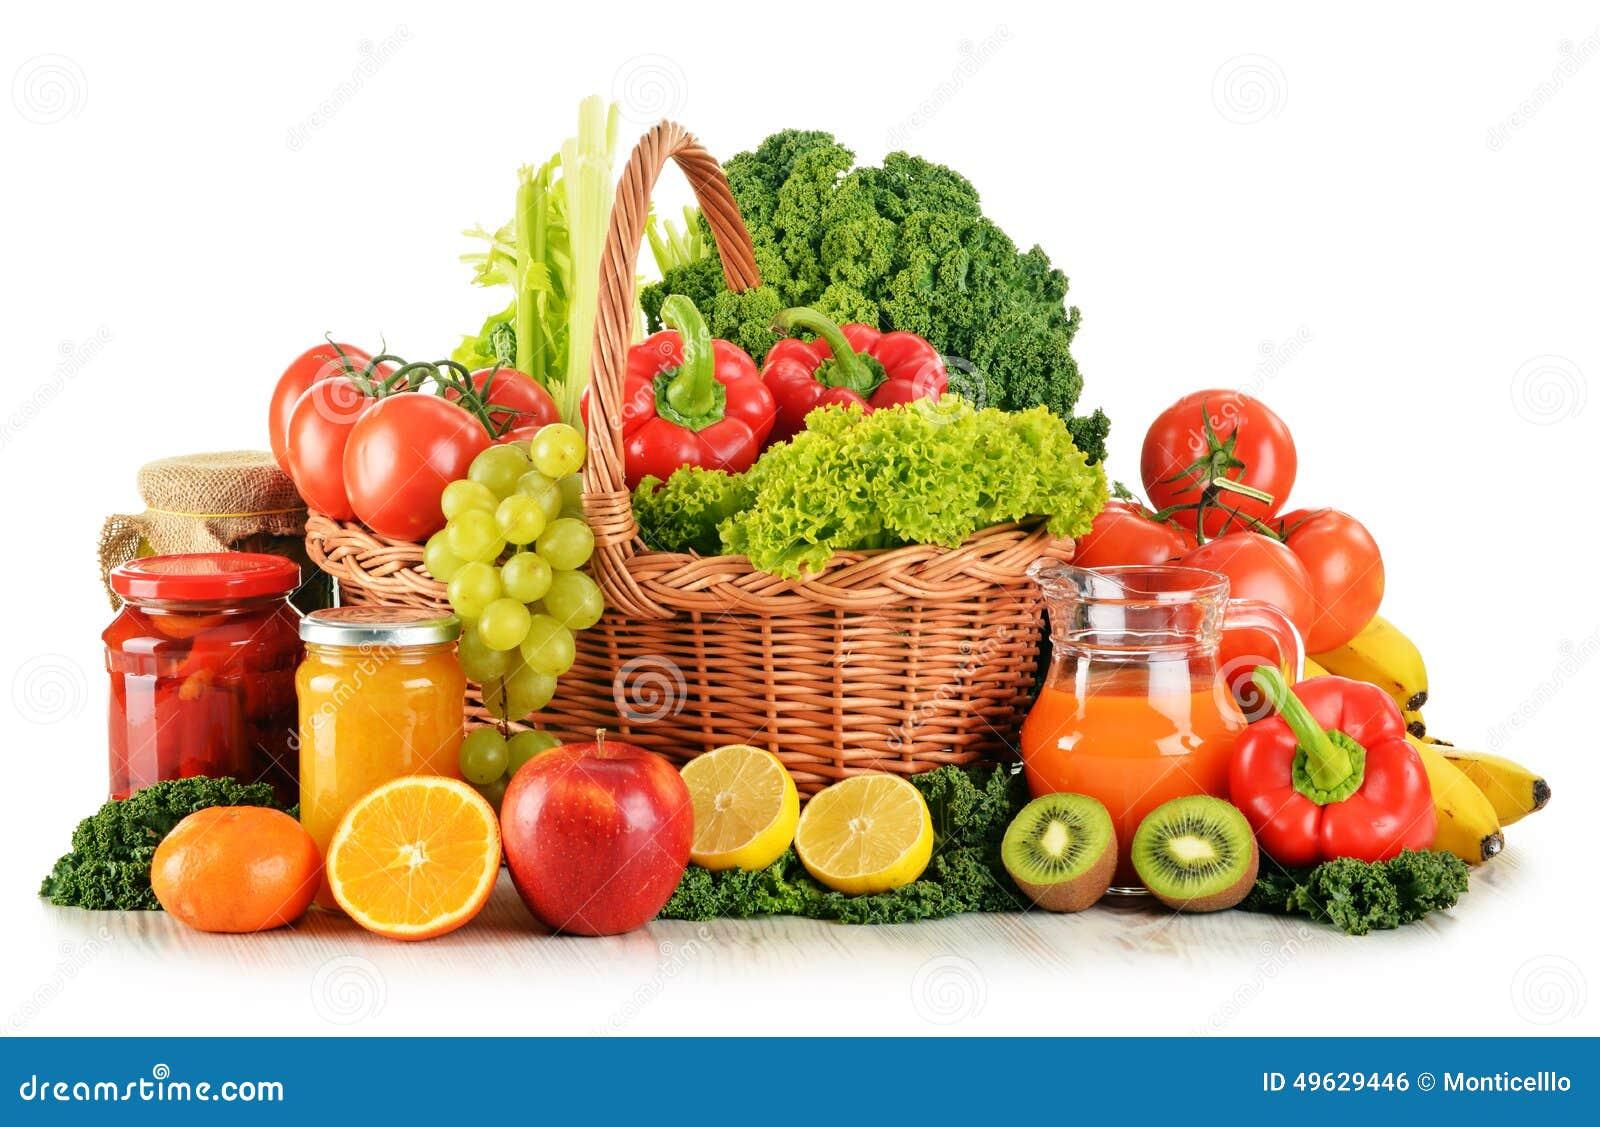 水果种类_与品种有机蔬菜和水果的构成在白色的柳条筐.